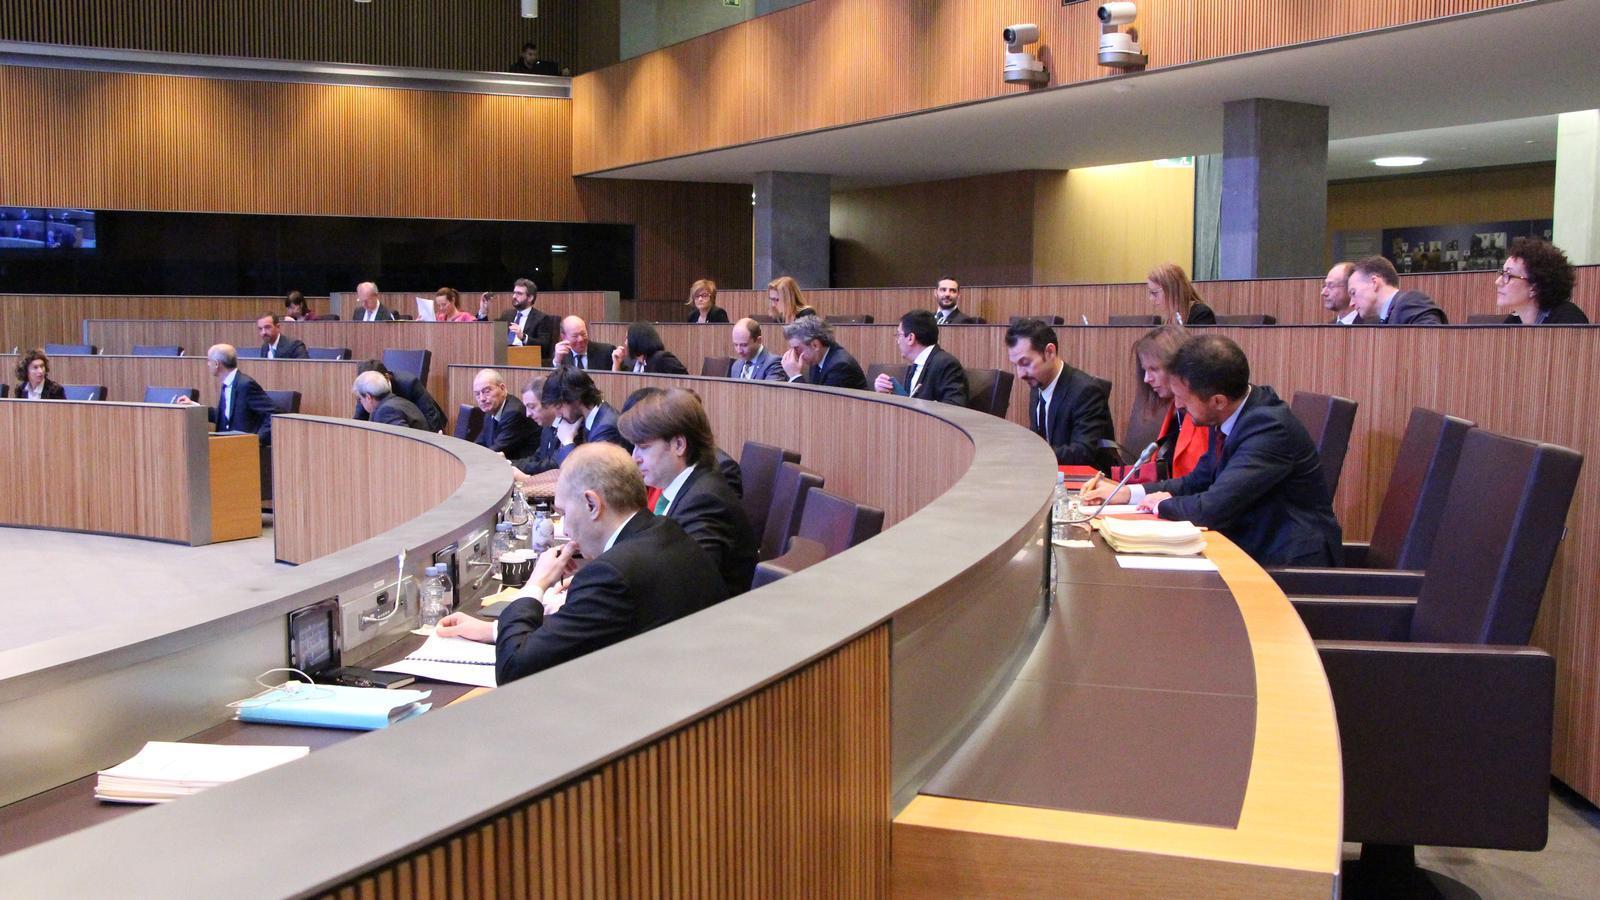 Una imatge dels consellers generals, durant la sessió de Consell General d'aquest divendres. / M. P. (ANA)